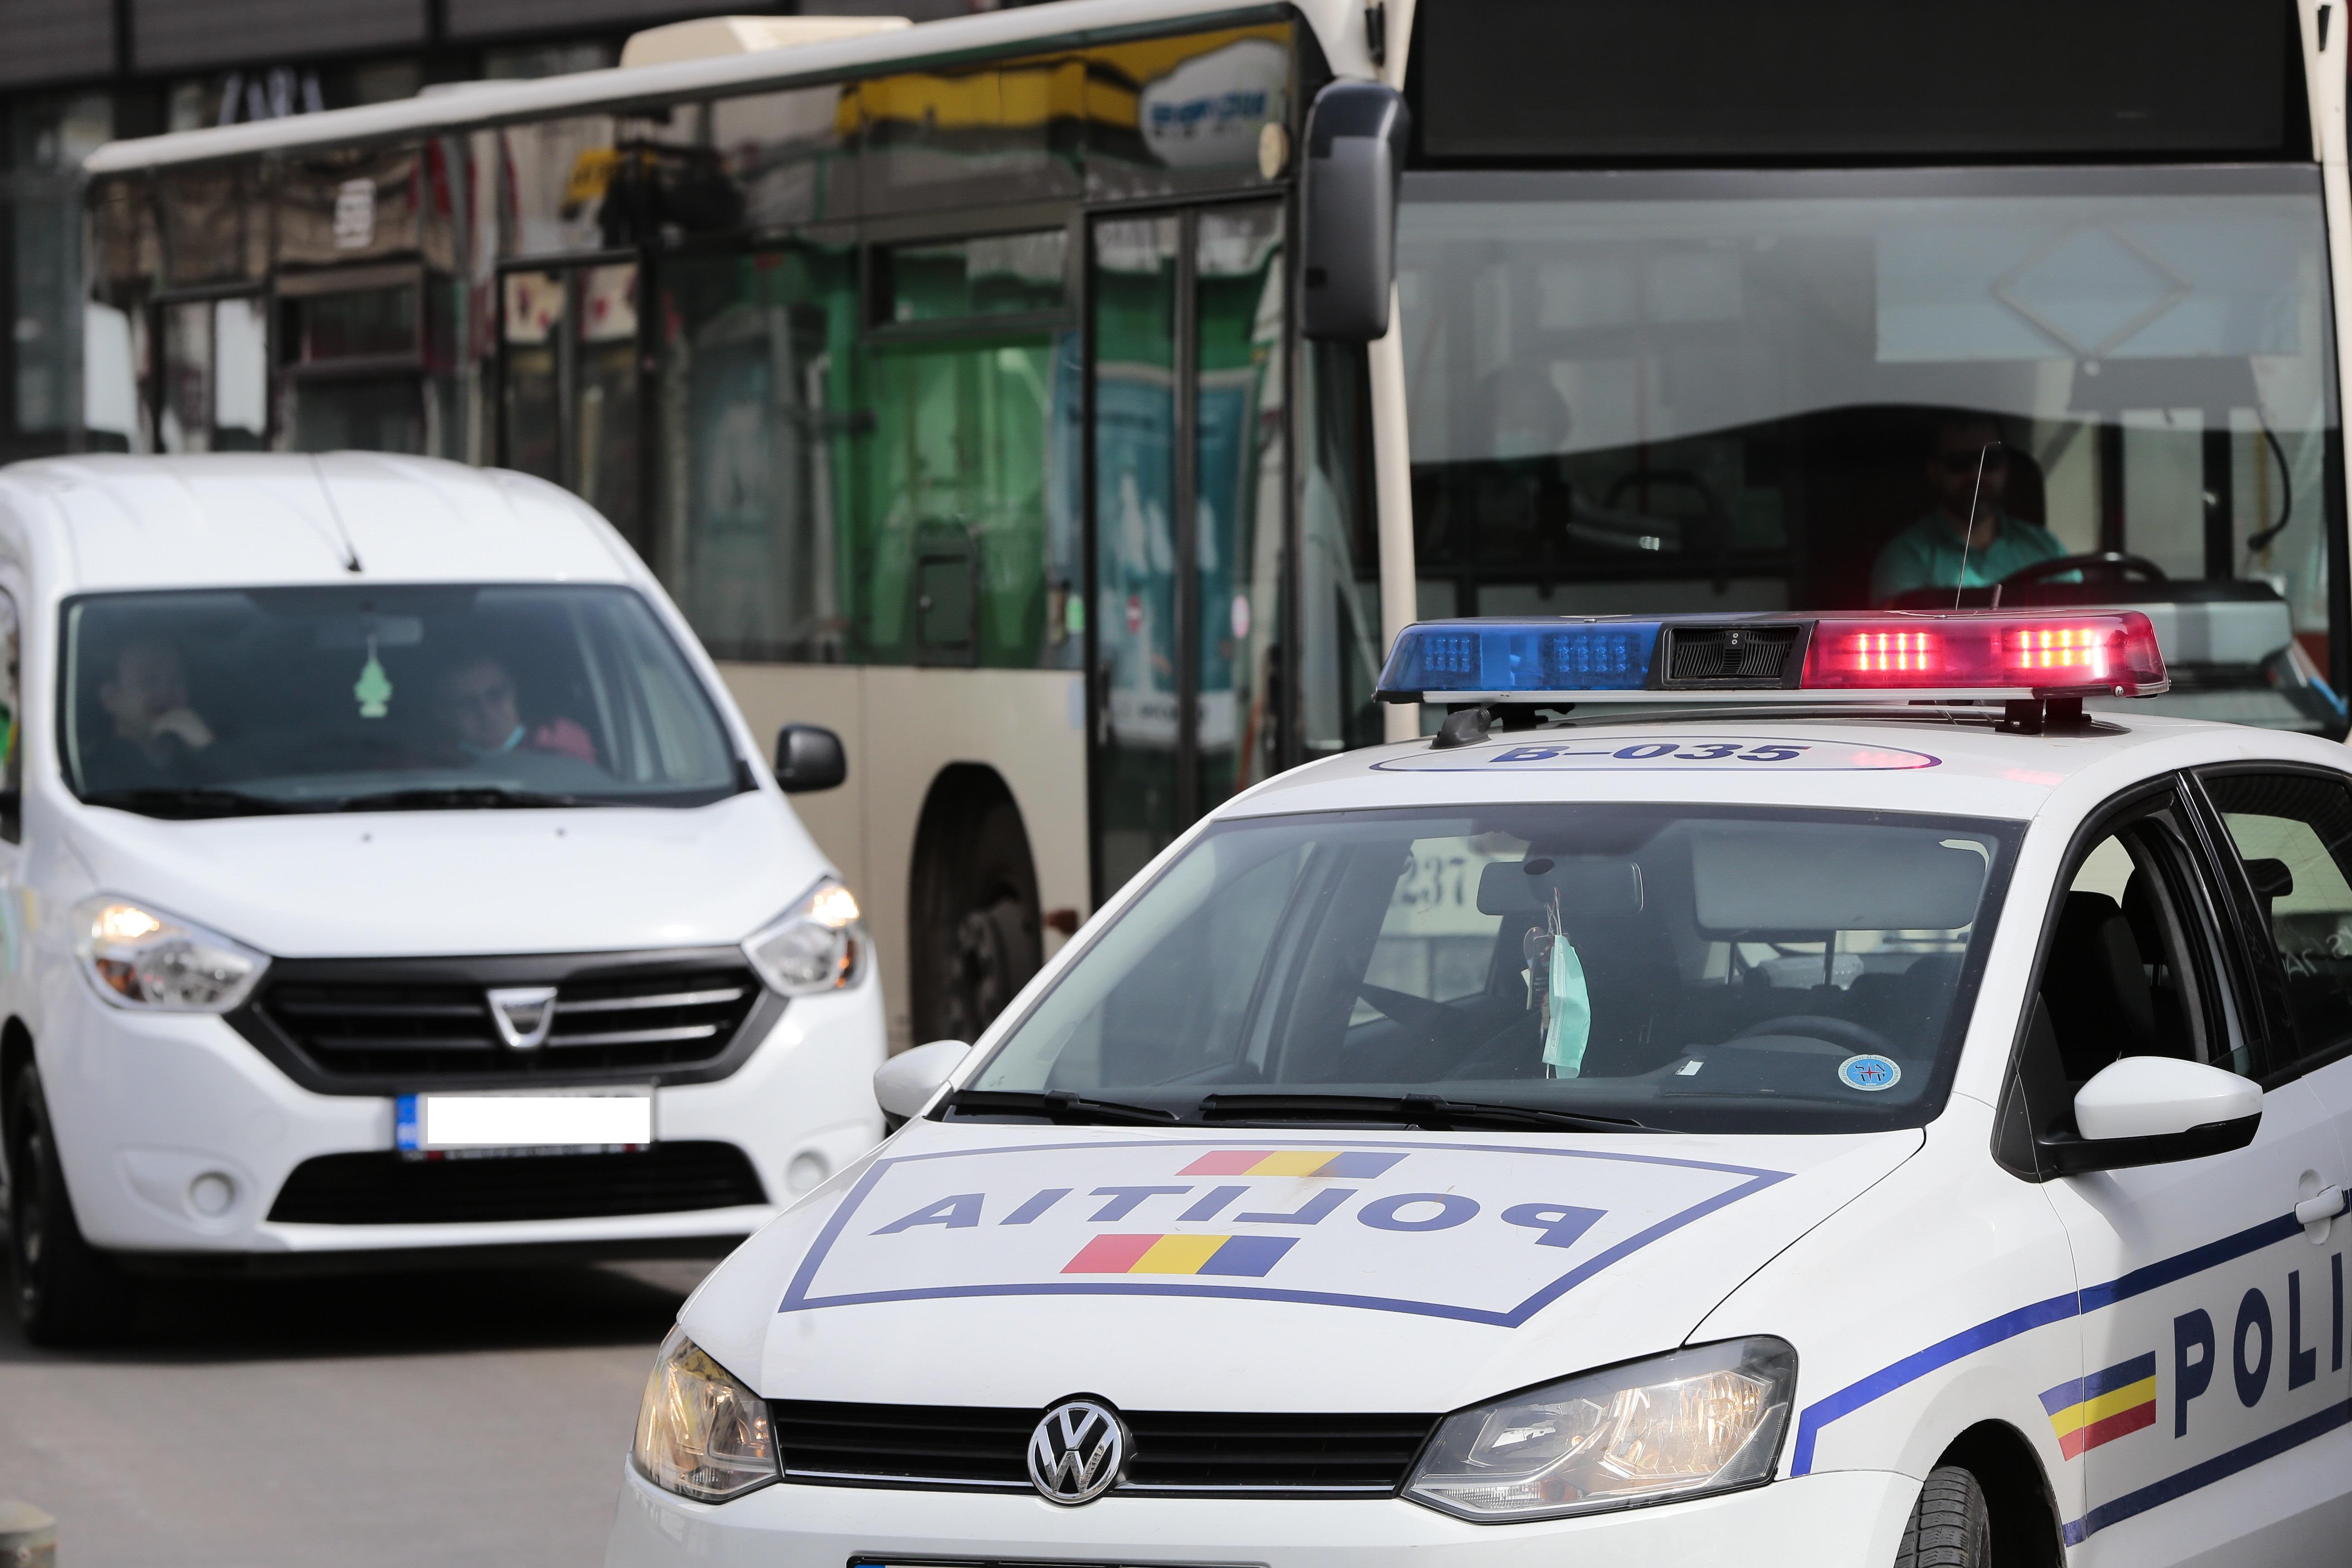 S-a schimbat legea. Cum pot rămâne românii fără mașină. Statul o poate confisca și vinde